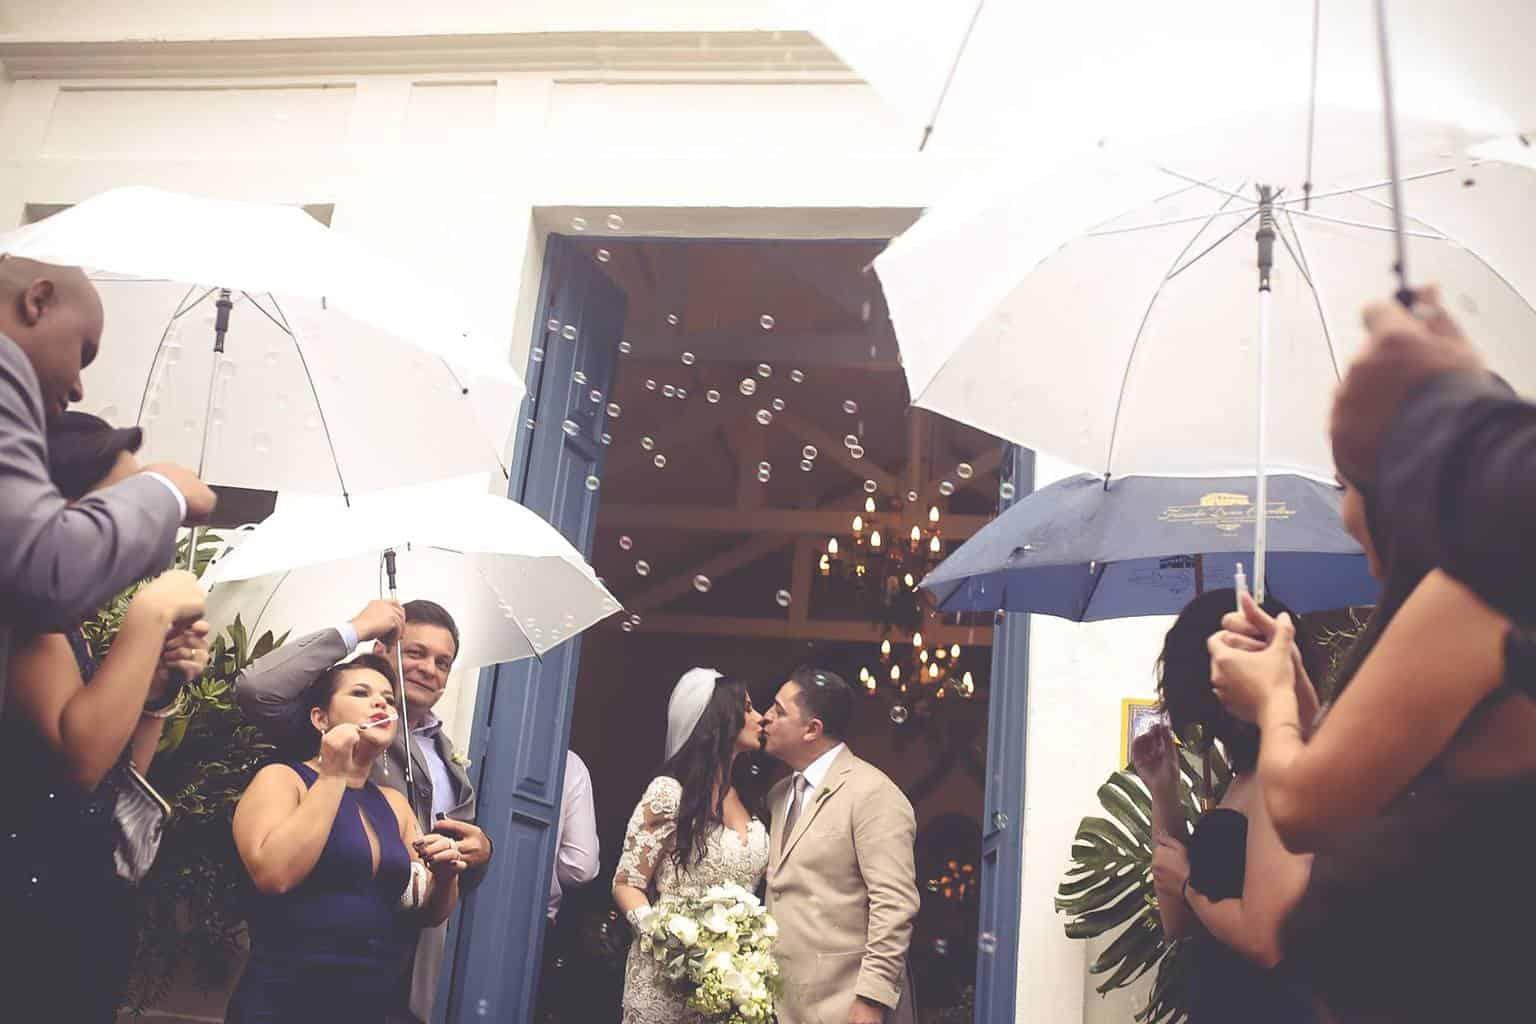 casamento-ariane-e-antonio-carlos-caseme-foto-silvia-penati-07